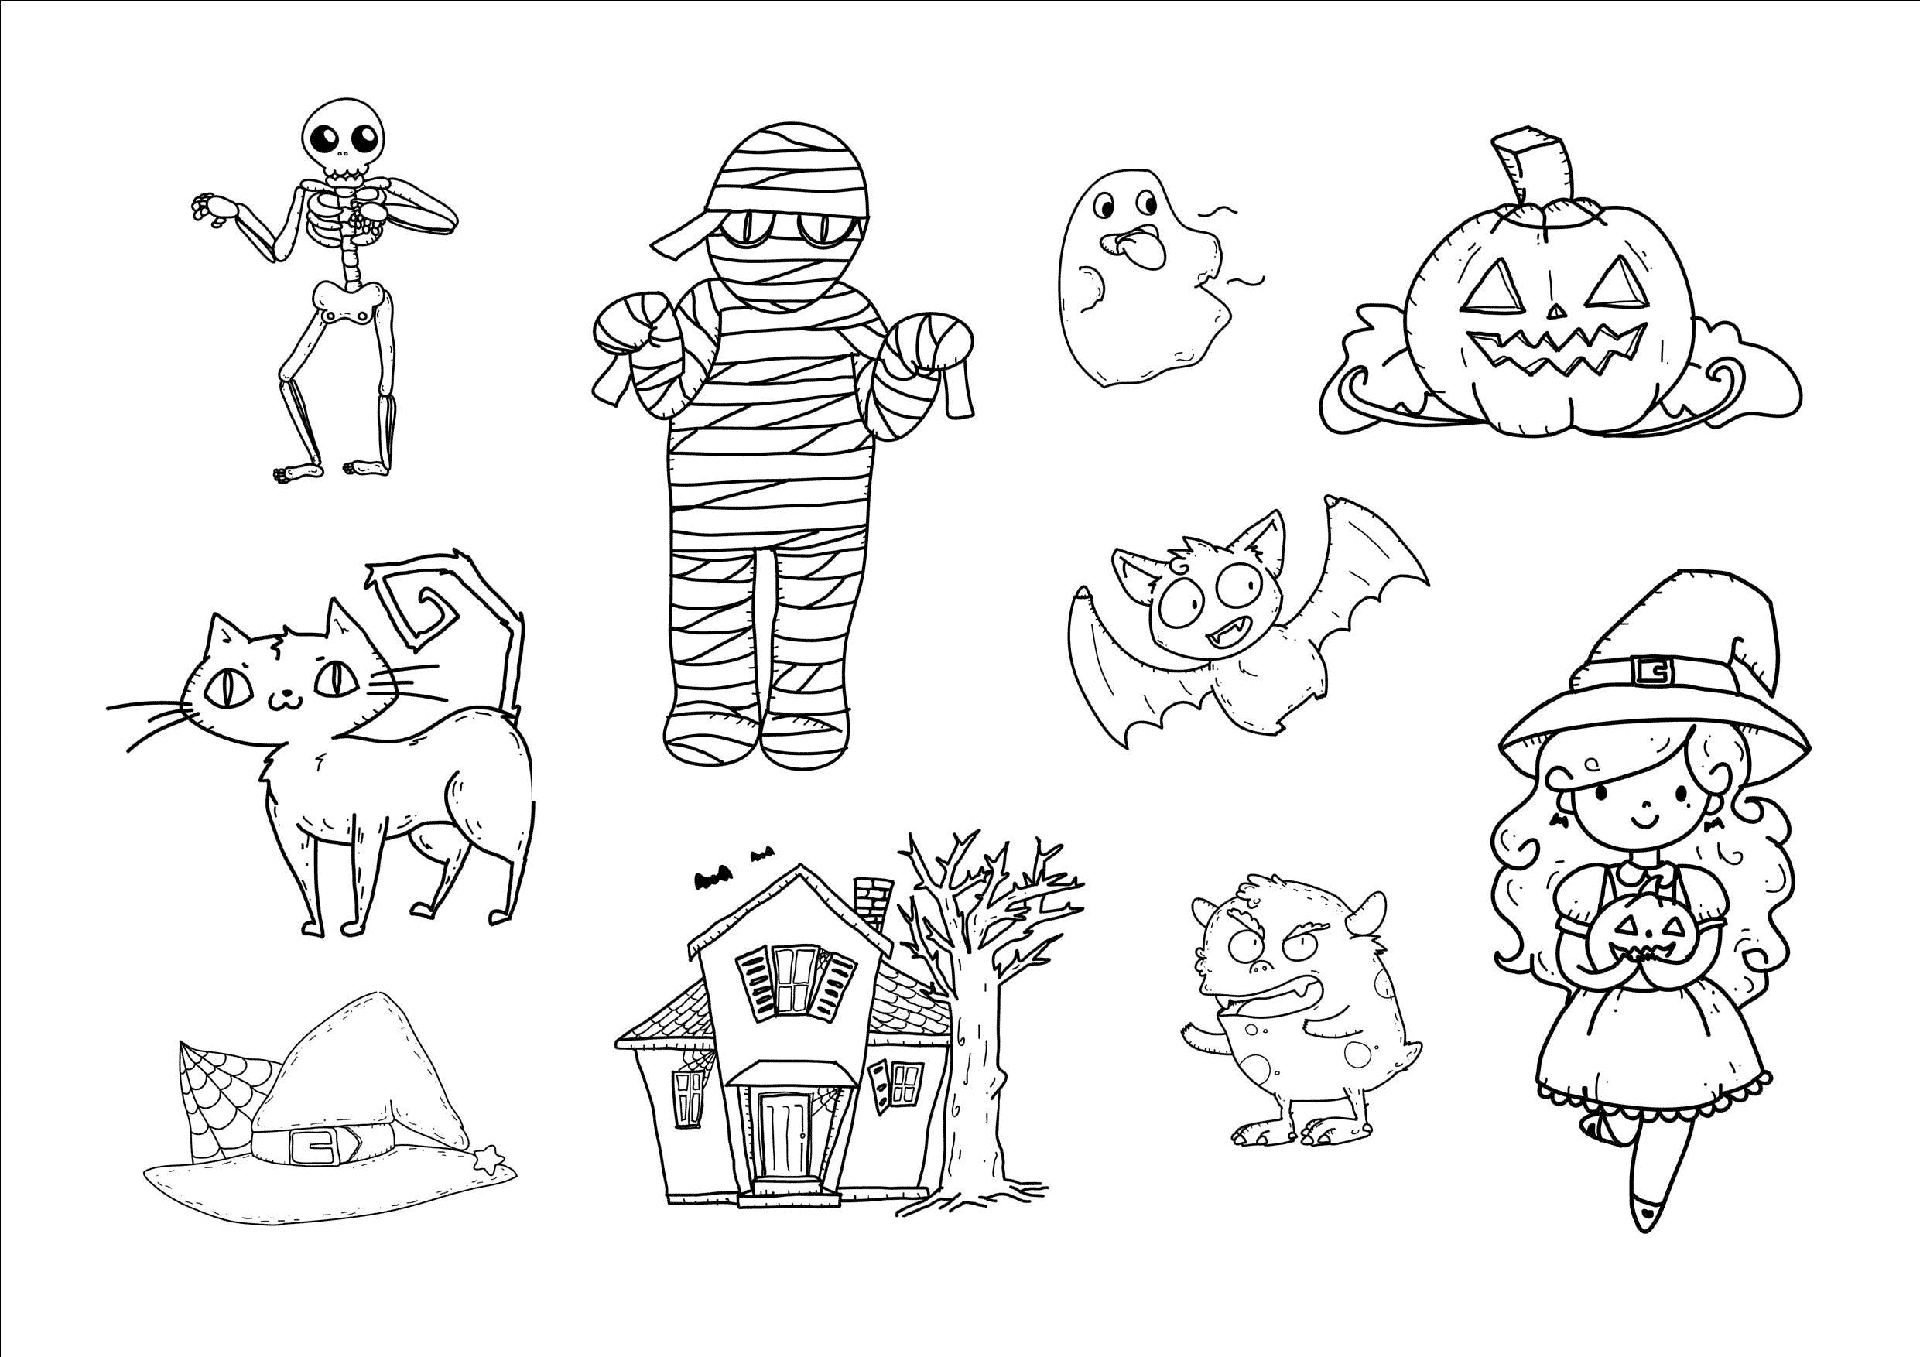 Dibujos Para Colorear Online: Dibujos De Halloween Para Colorear, Imágenes Halloween